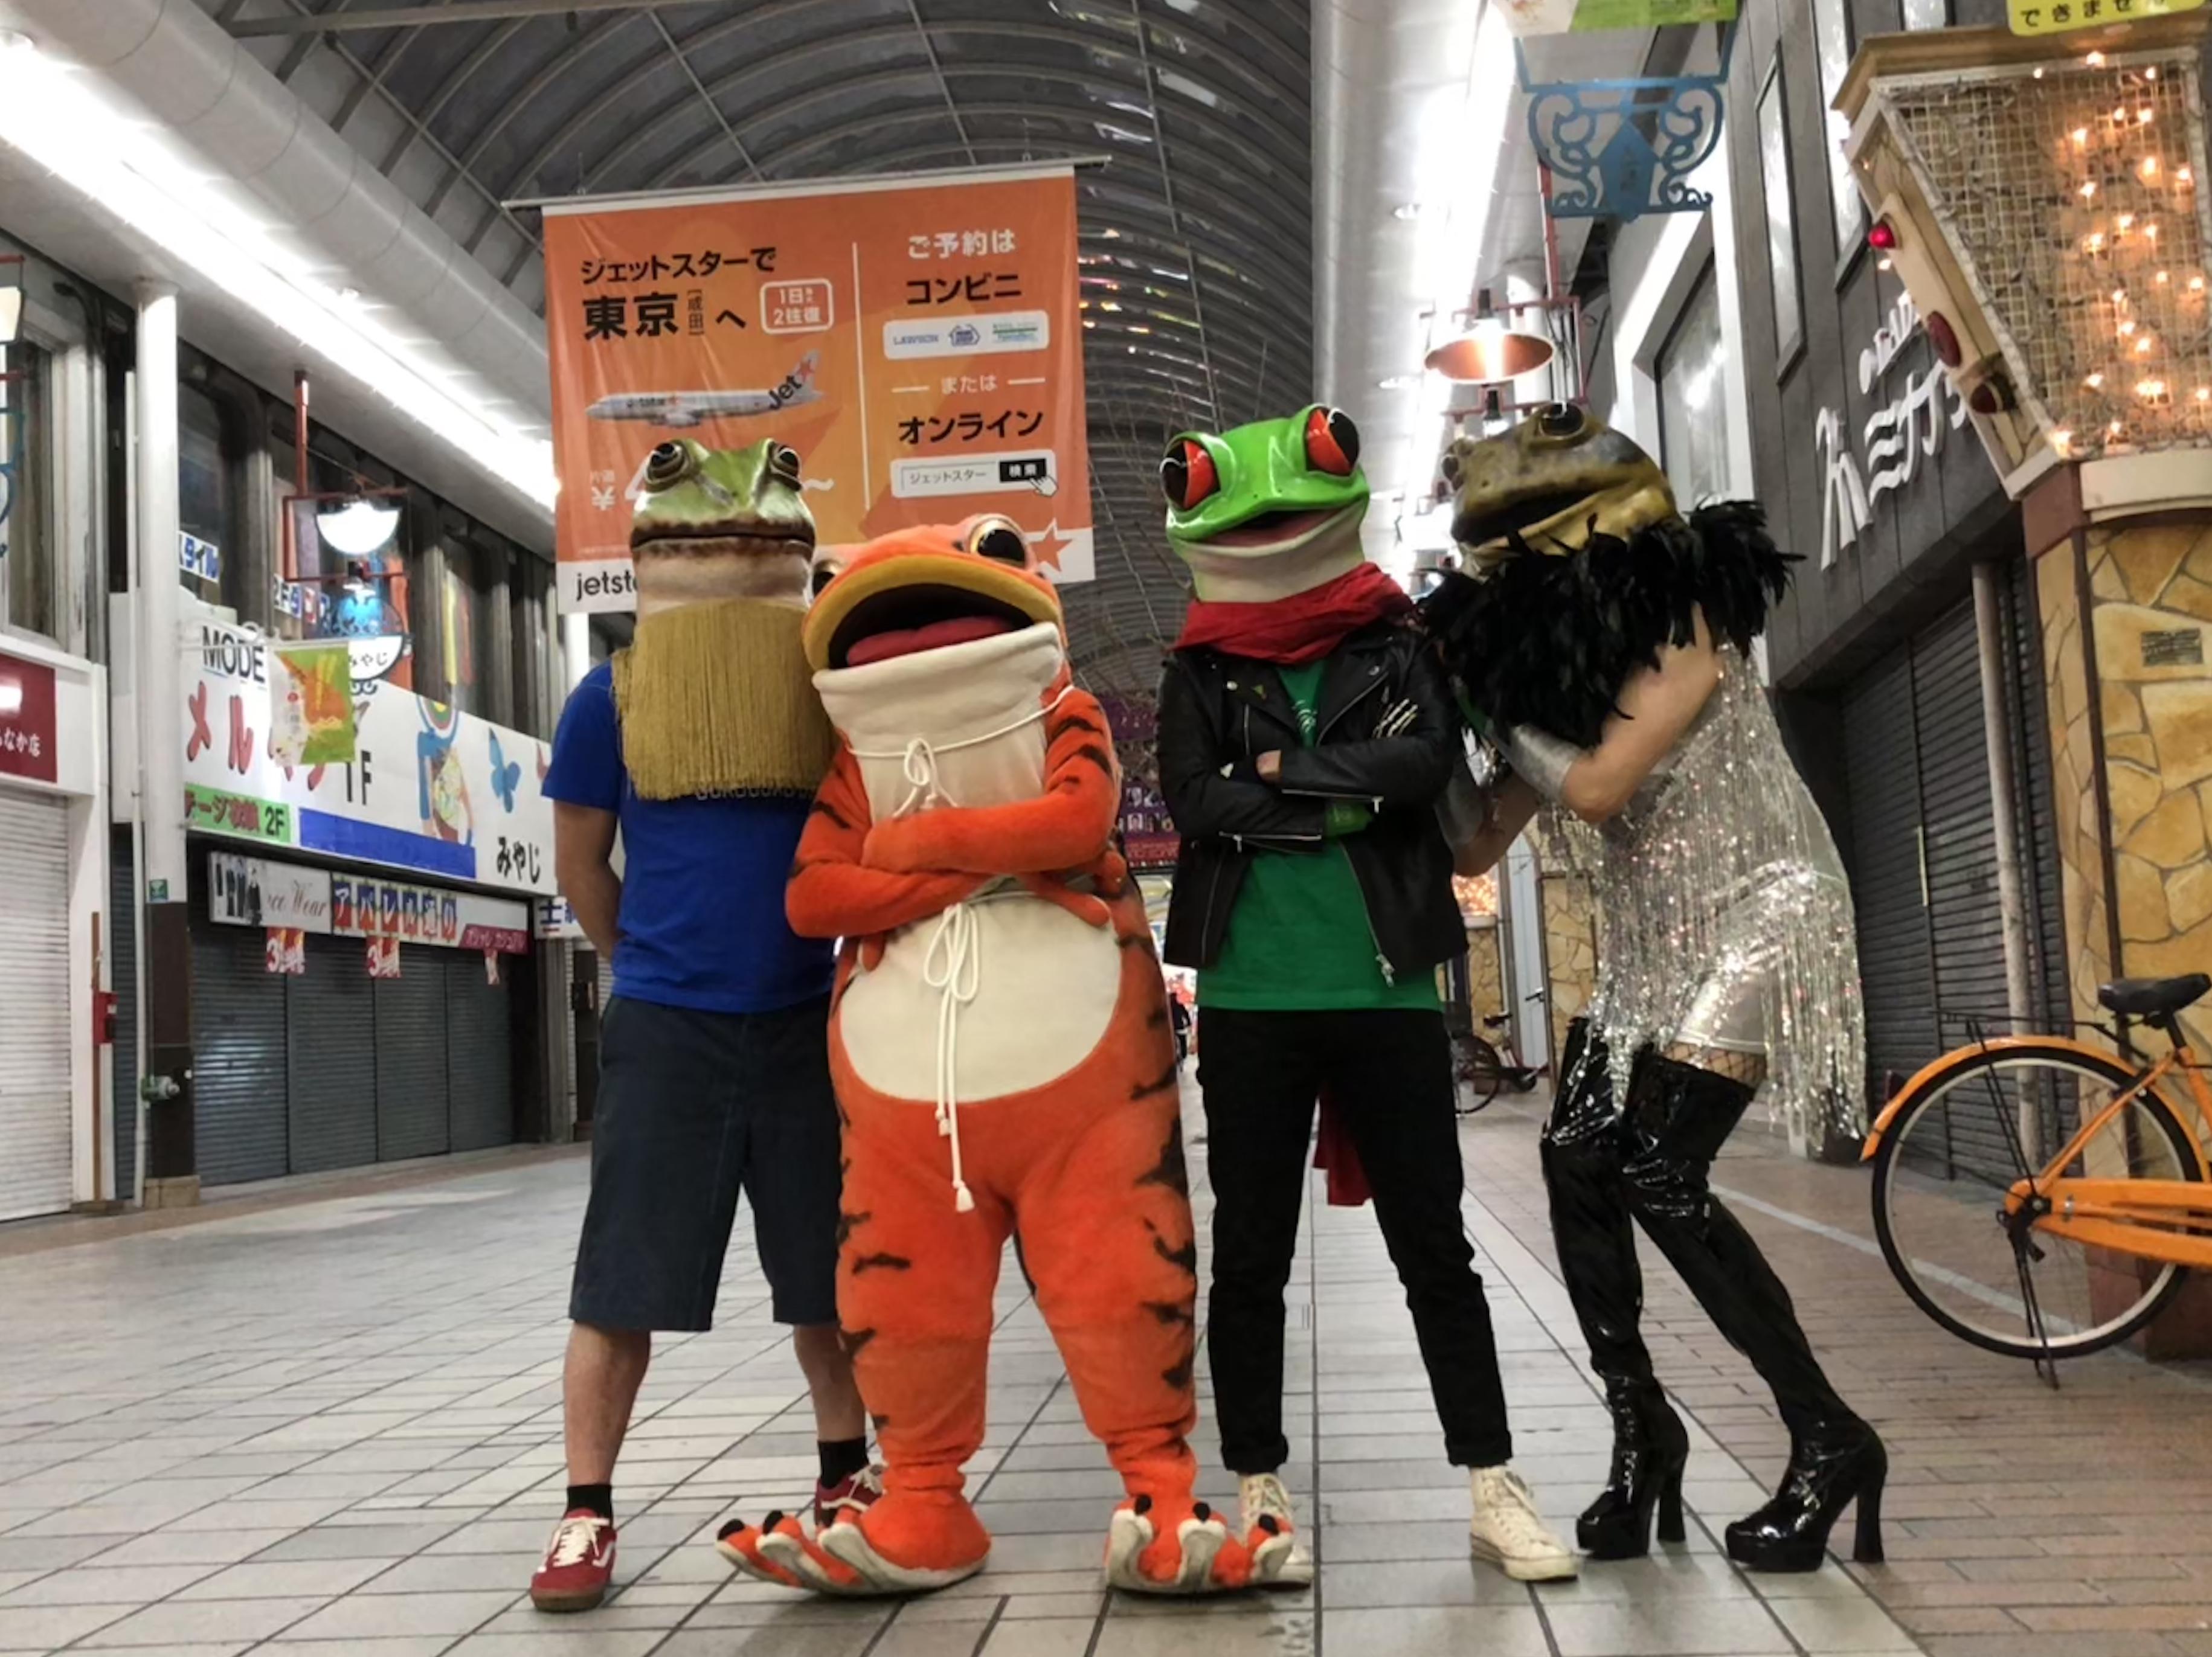 1st-3rd LIVE観察日記〜 #ゴロゴロゴロンズ vol.3〜